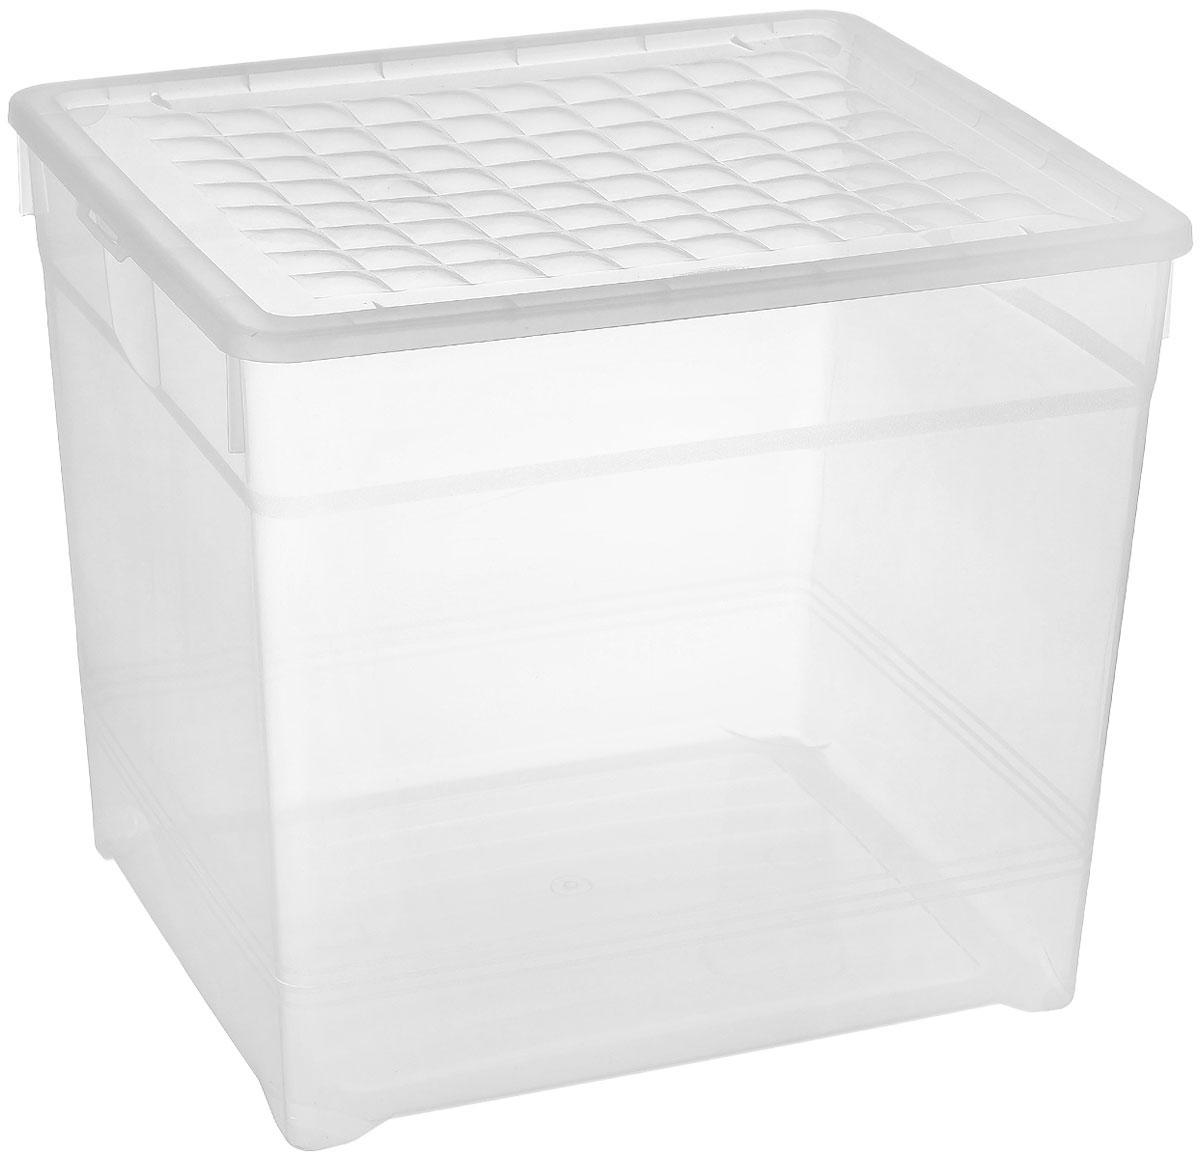 Контейнер для хранения Curver, 33 л03000-001-00Контейнер для хранения Curver изготовлен из прозрачного пластика. Контейнер предназначен для хранения канцелярии, медикаментов, различных мелких предметов, одежды, аксессуаров, например, шарфов, ремней и т.д. Изделие снабжено плотно закрывающейся крышкой, украшенной рельефом в виде объемных квадратов. Такой контейнер поможет хранить все в одном месте, а также защитить вещи от пыли, грязи и влаги.